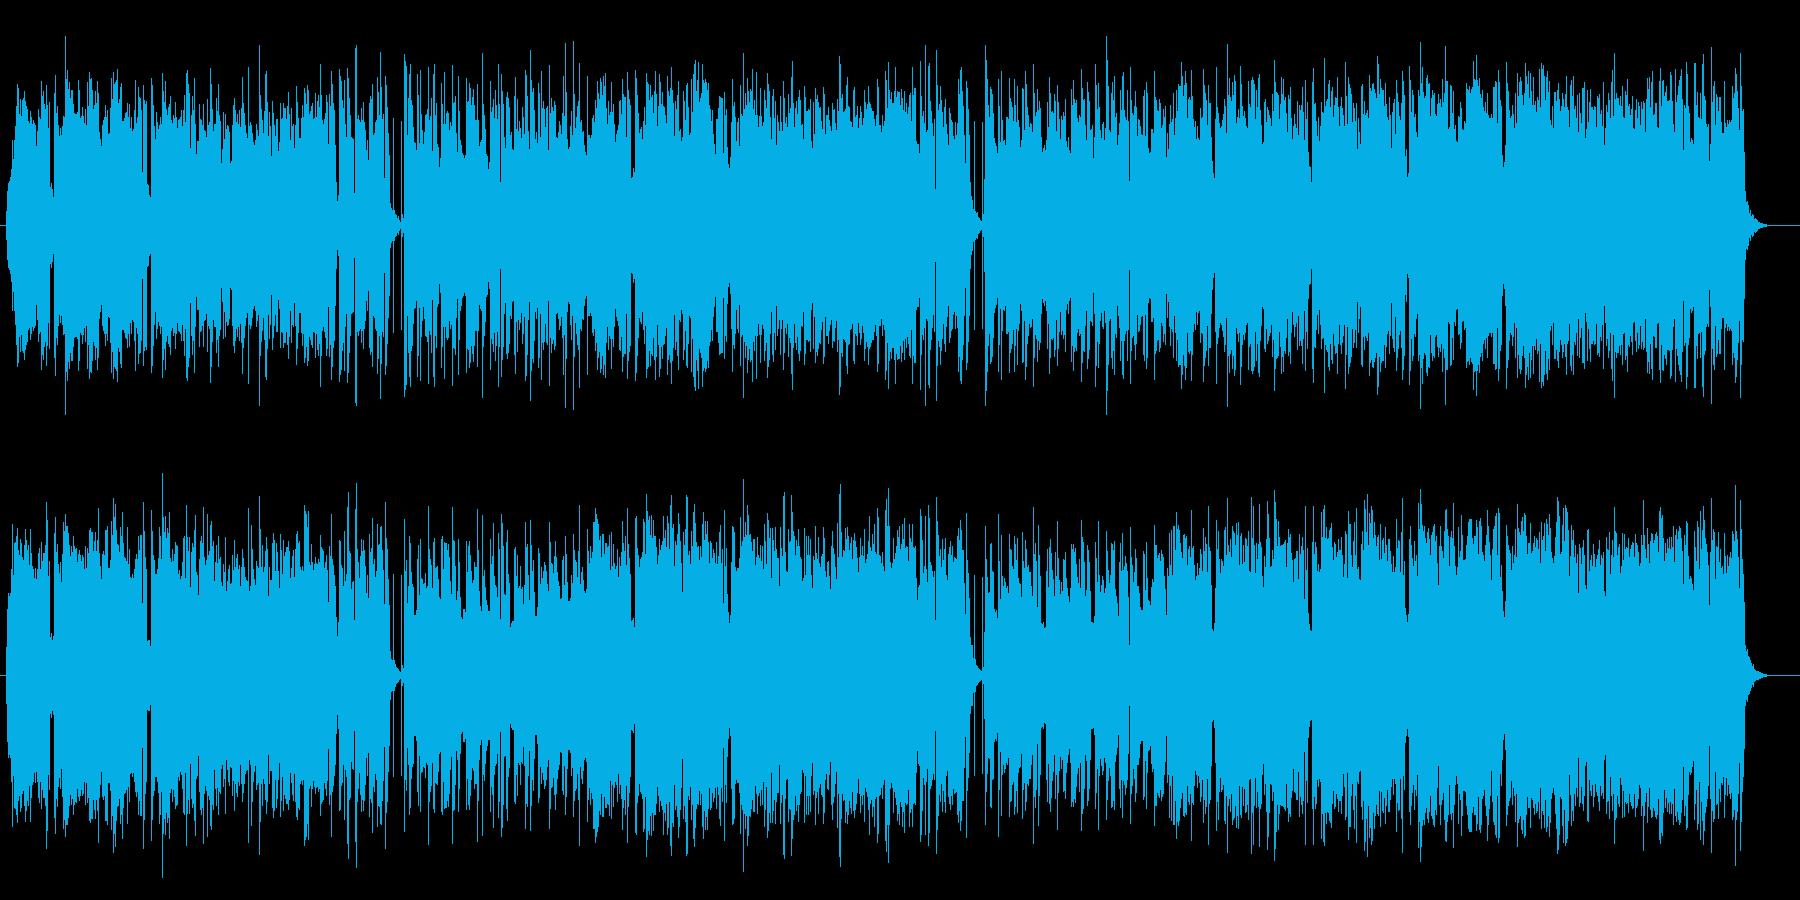 のんびりしたスローミュージックの再生済みの波形